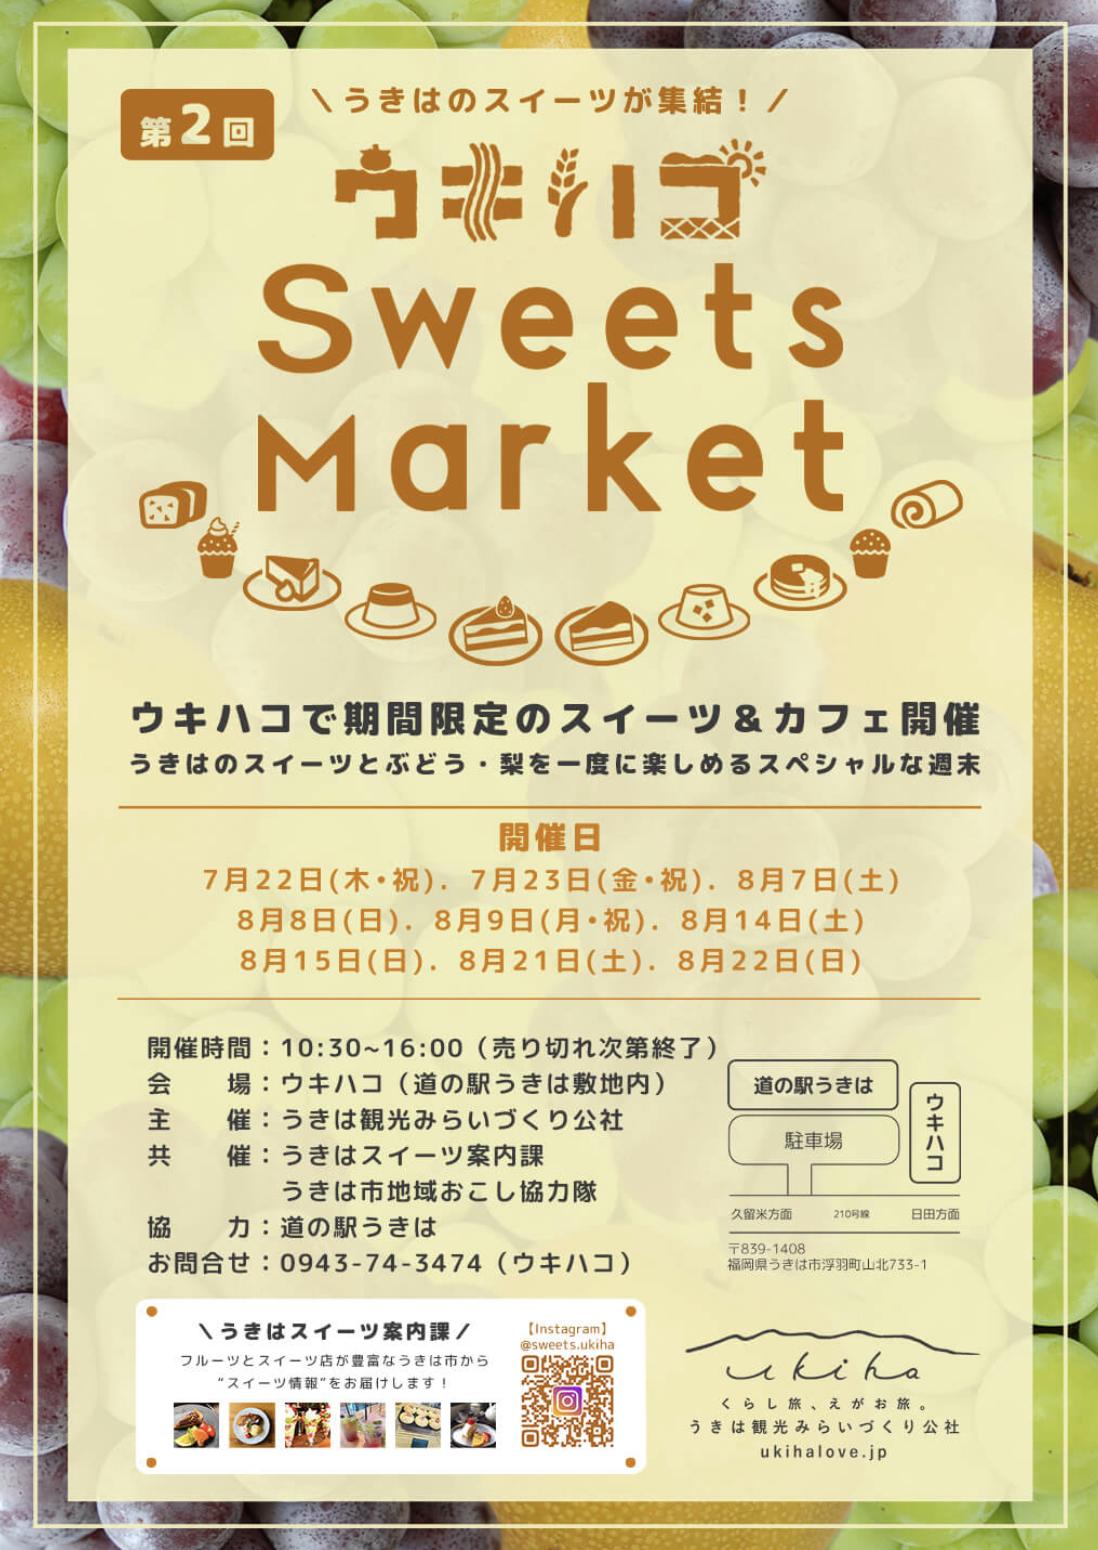 ウキハコSweets Market うきはのスイーツと夏のフルーツを楽しめる